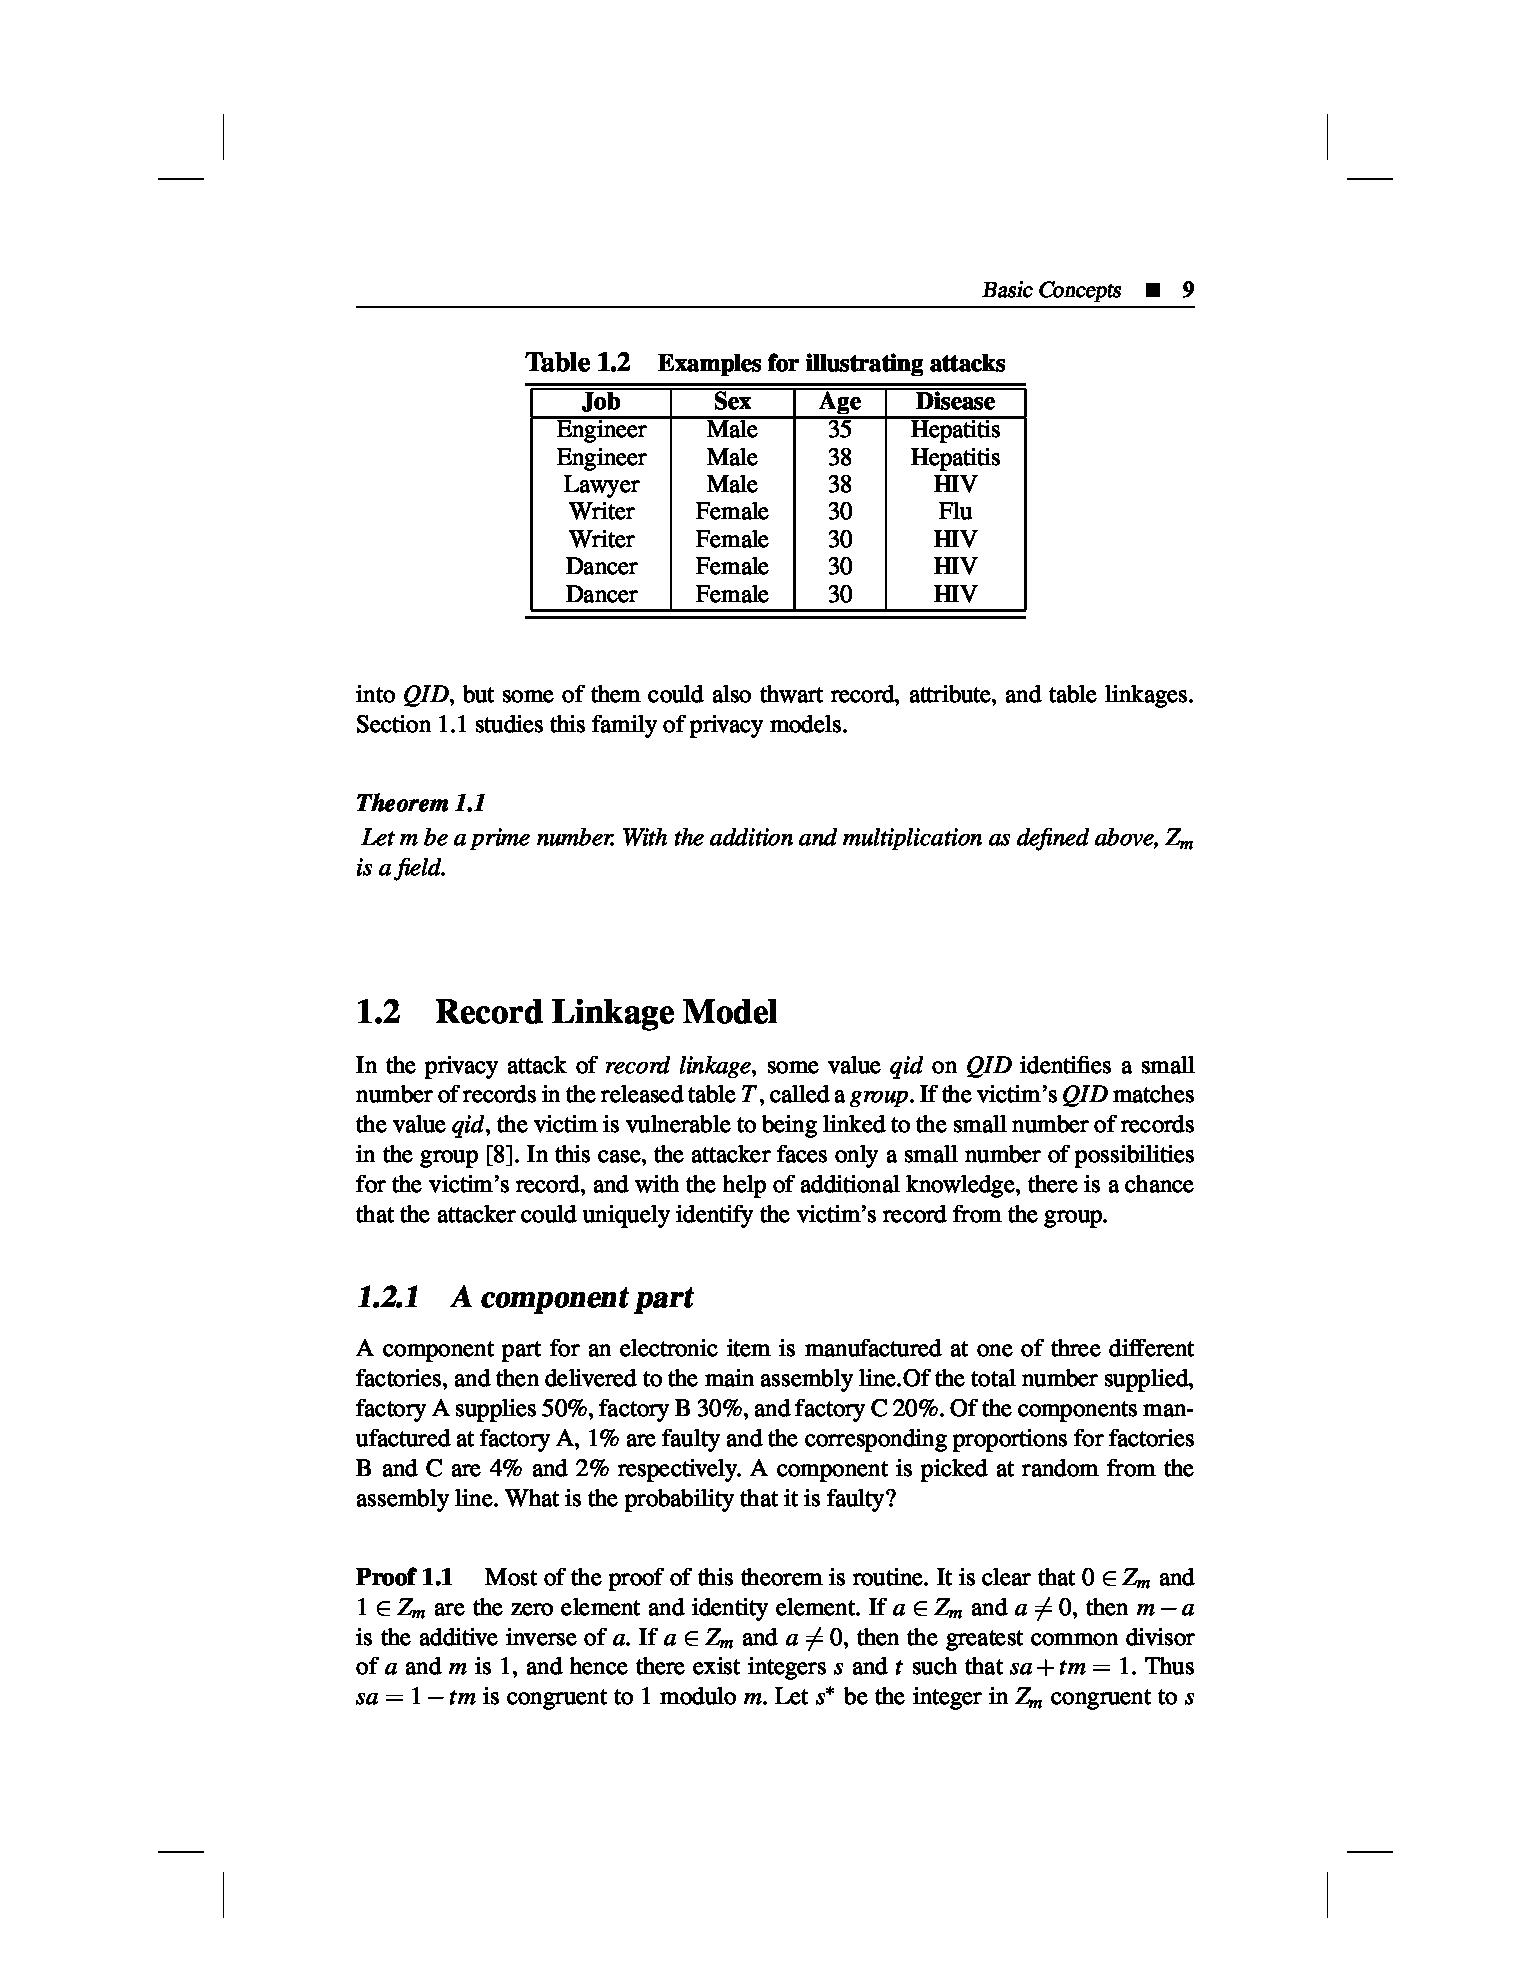 这是一个非常简洁好用的英文书籍 LaTeX 模板